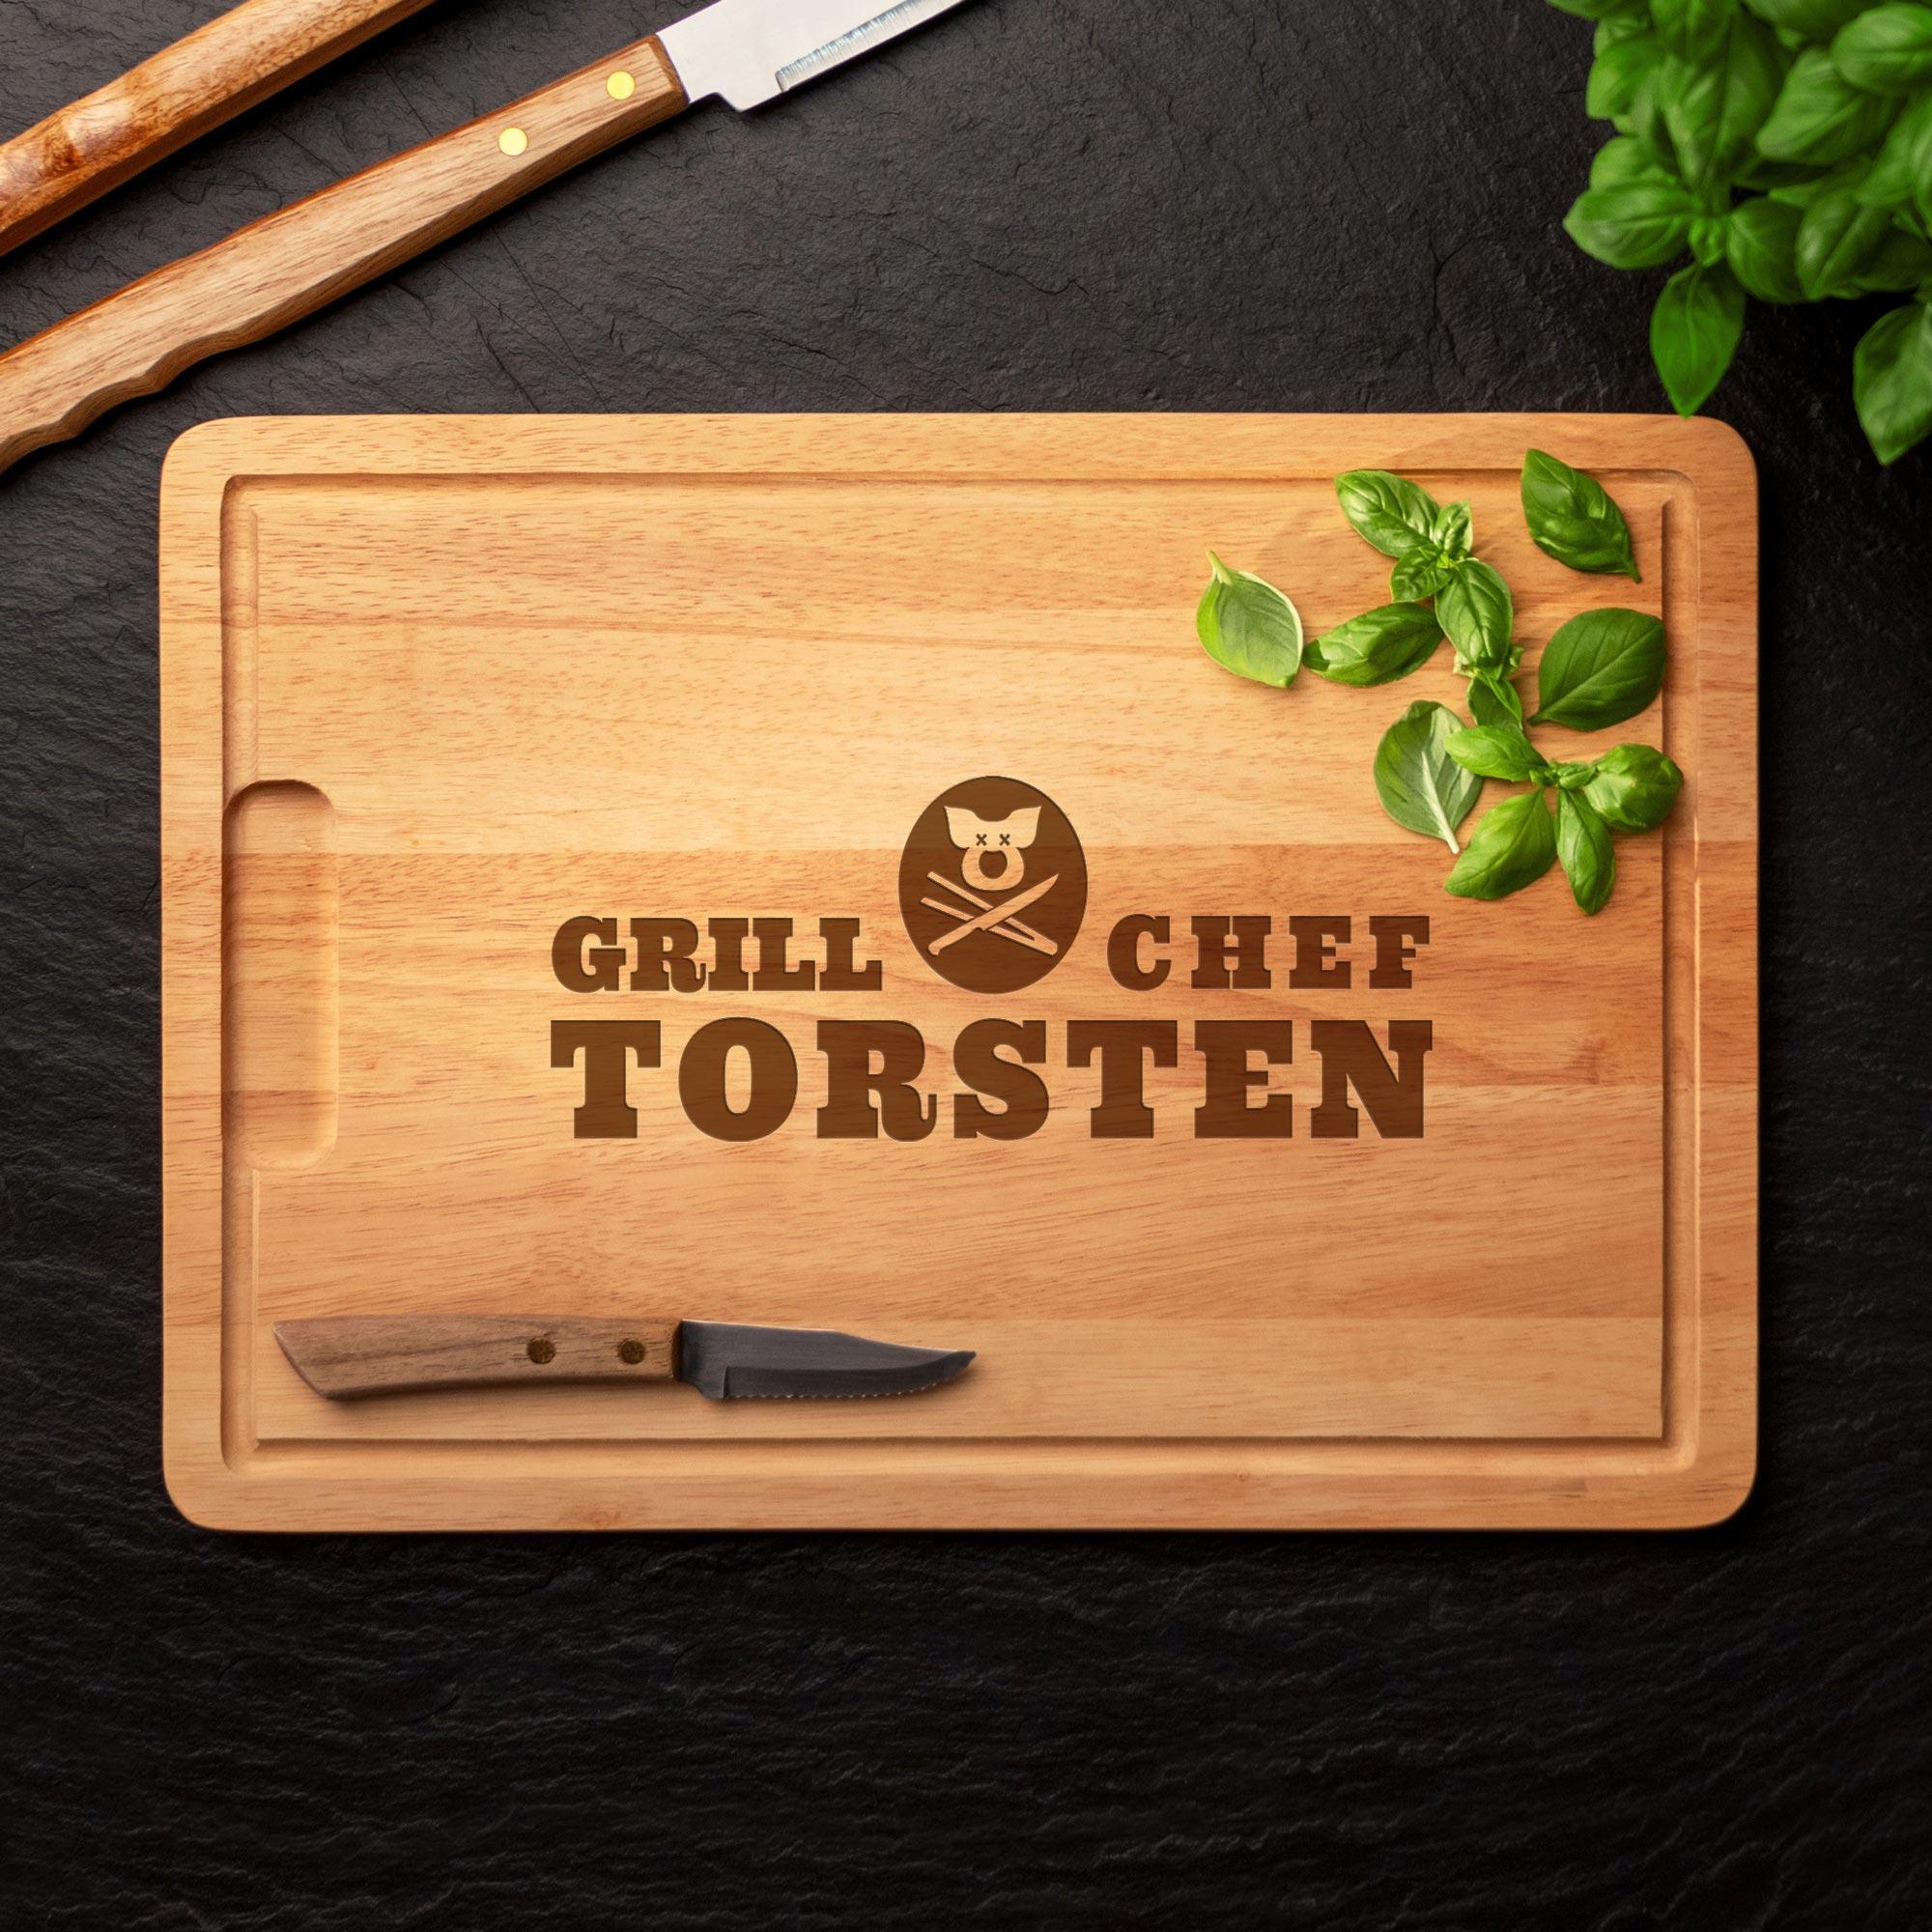 Grillset Grillbrandeisen und Schneidebrett - Grillchef Gravur